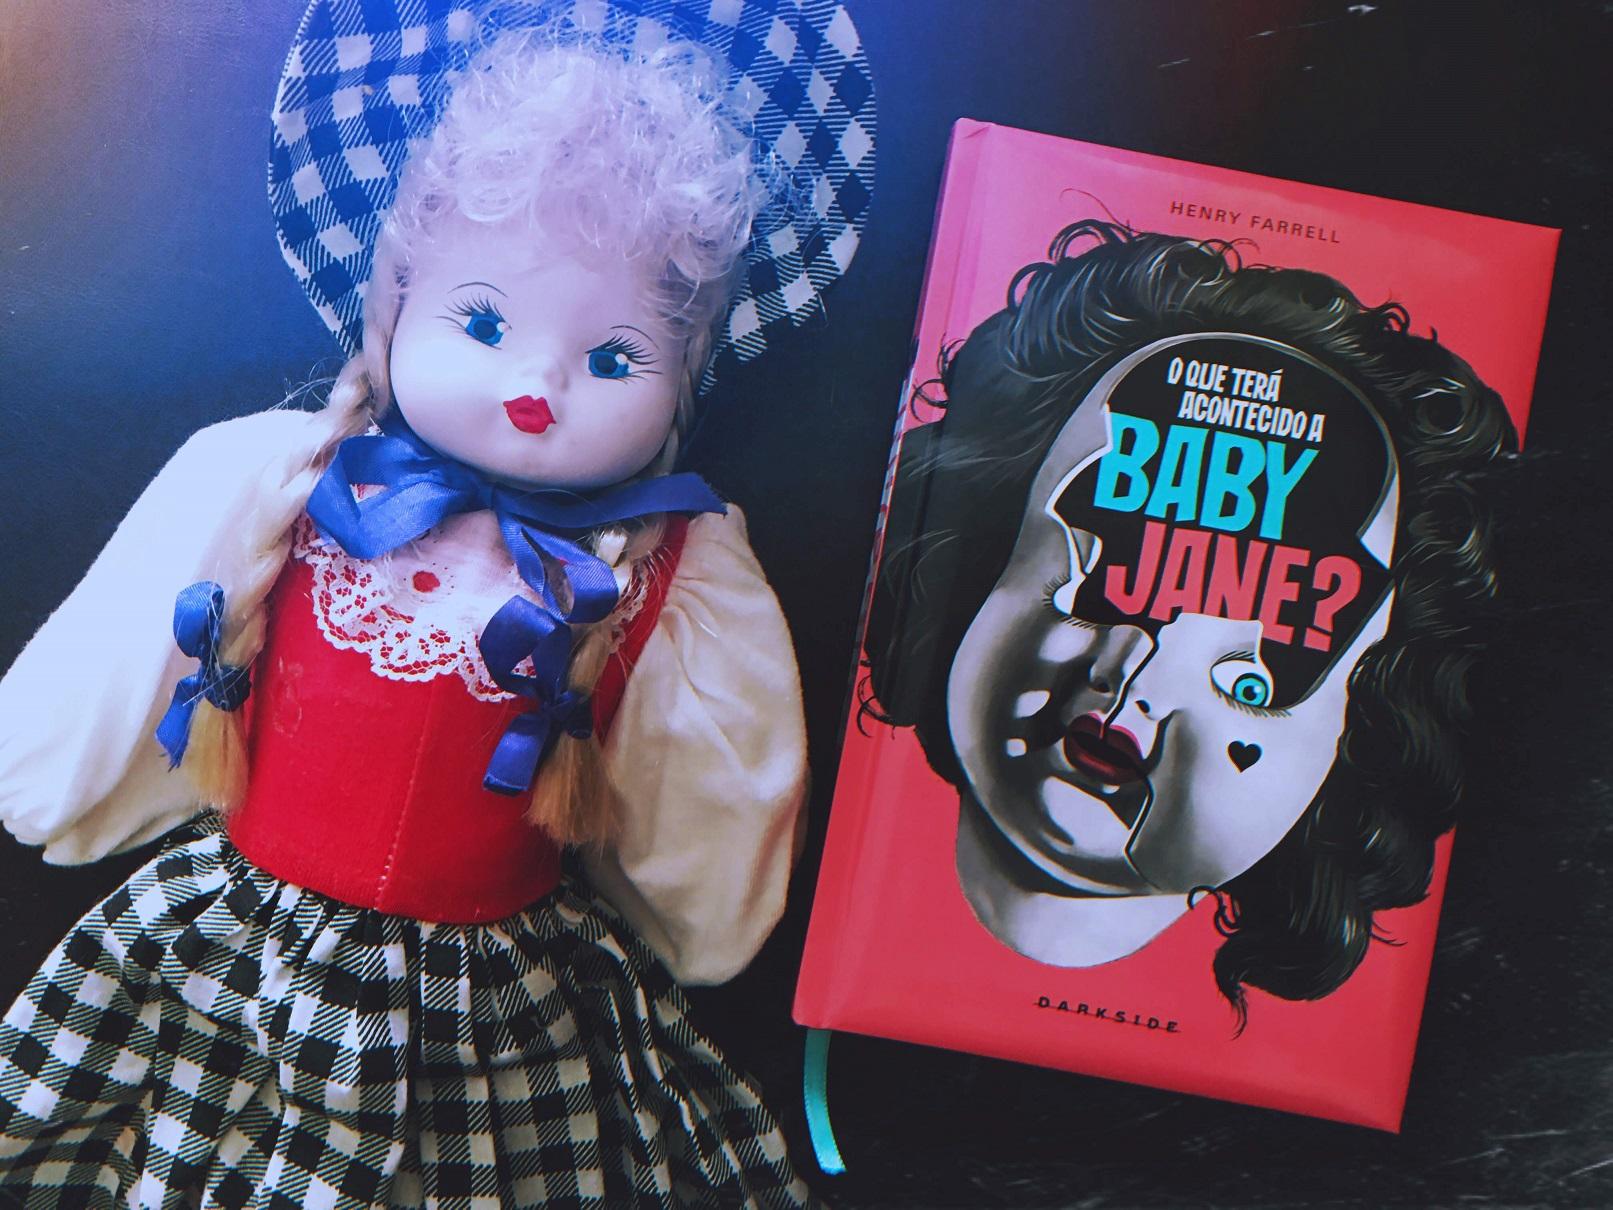 """""""O que terá acontecido a Baby Jane?"""" e o envelhecimento feminino como fator violento"""